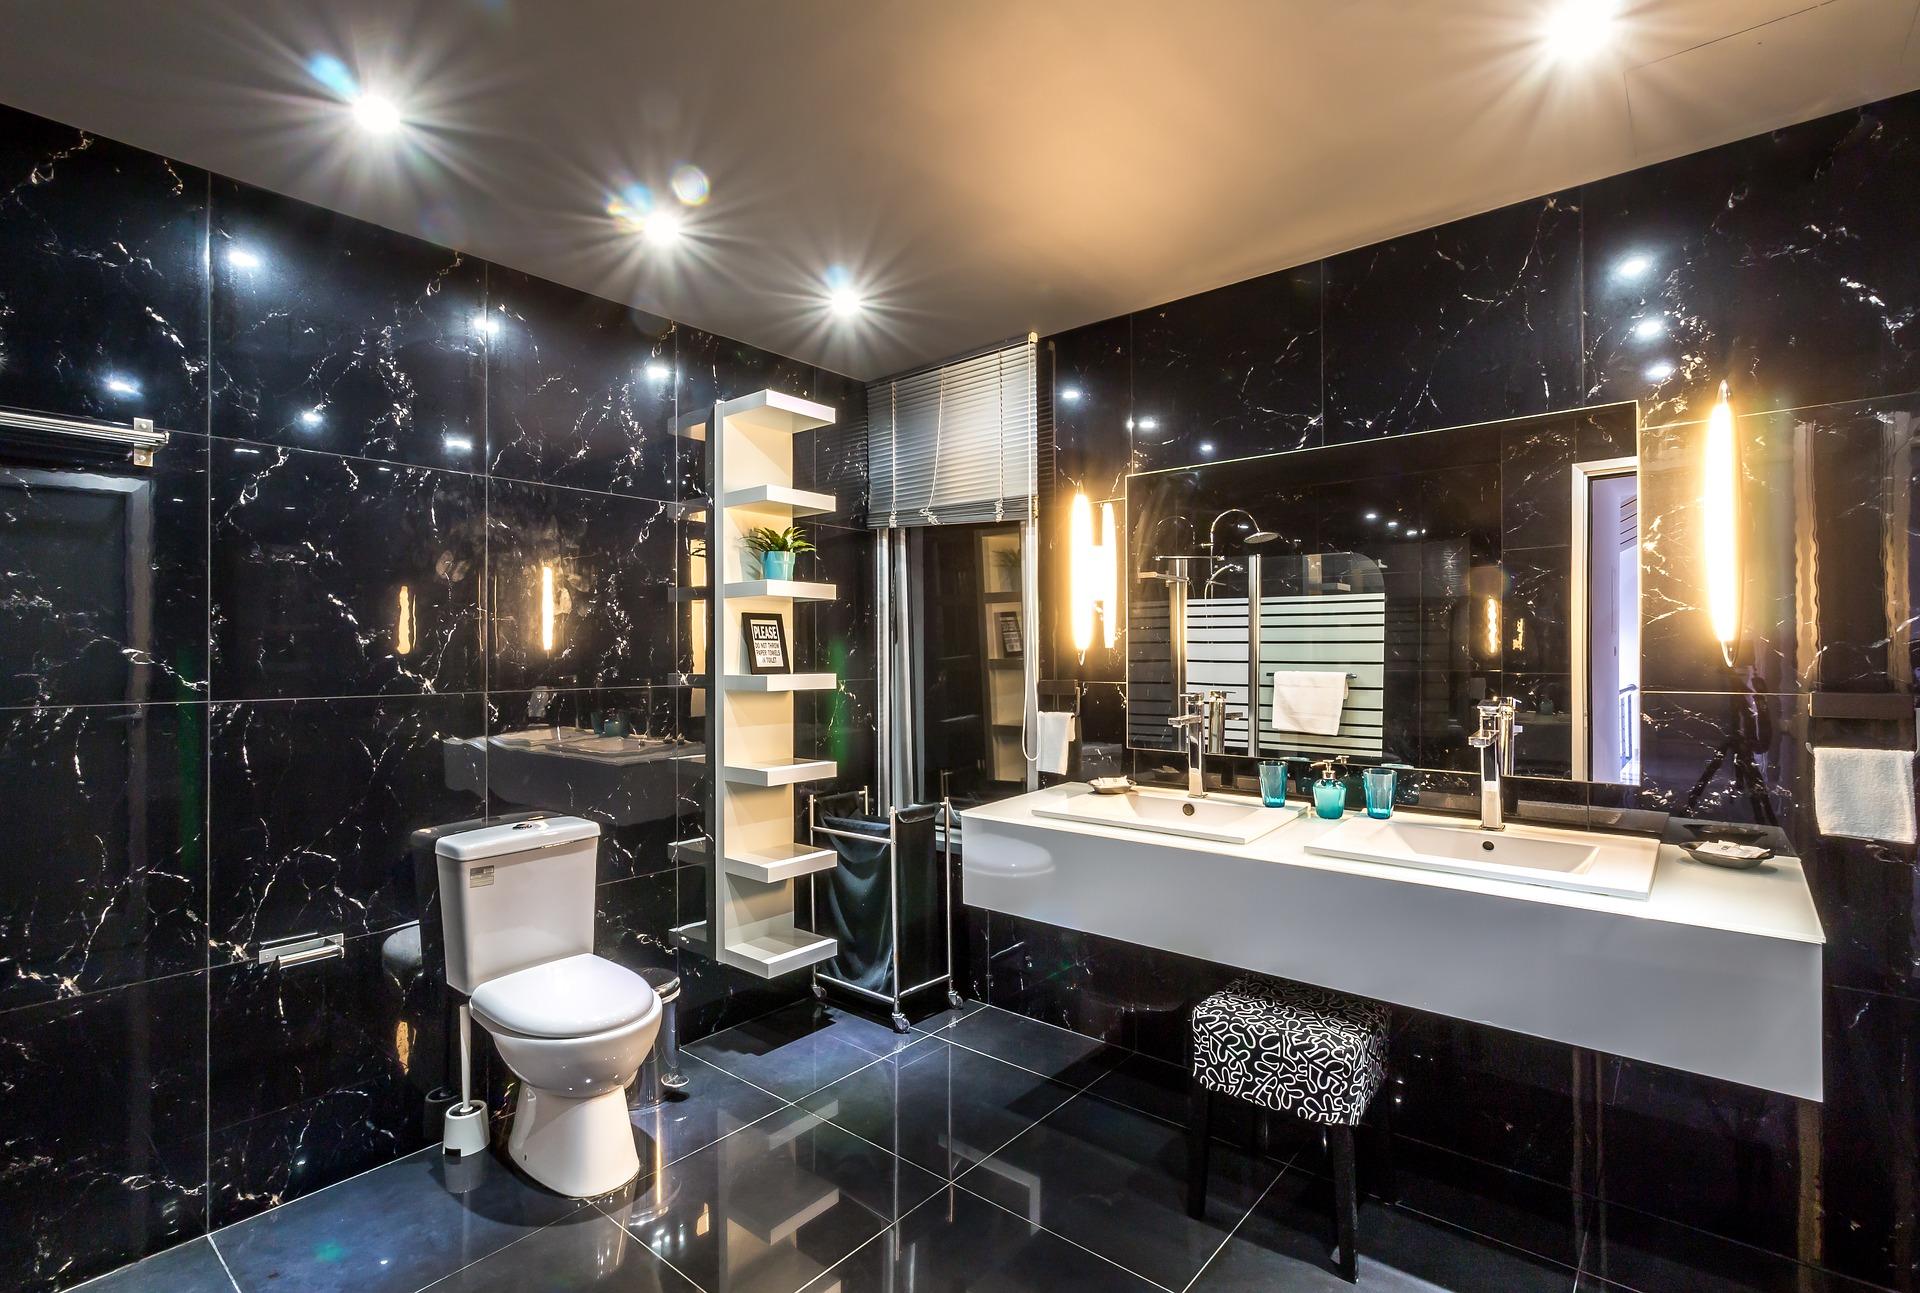 Carrelage noir dans une salle de bain : ce n\'est pas une si mauvaise ...